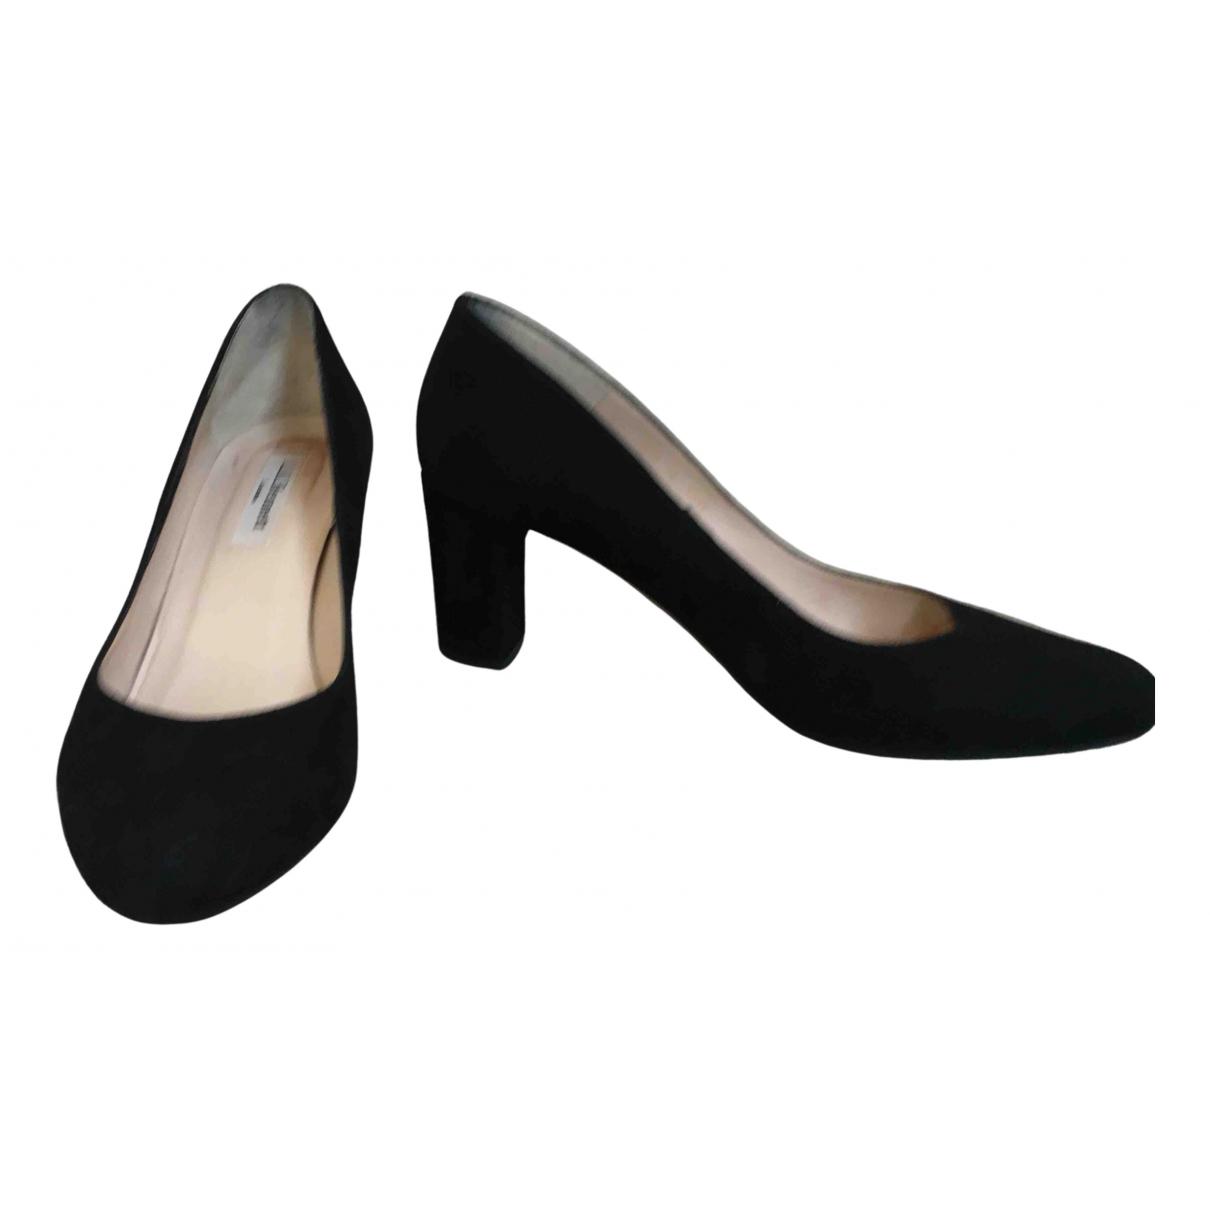 Lk Bennett N Black Heels for Women 38 EU